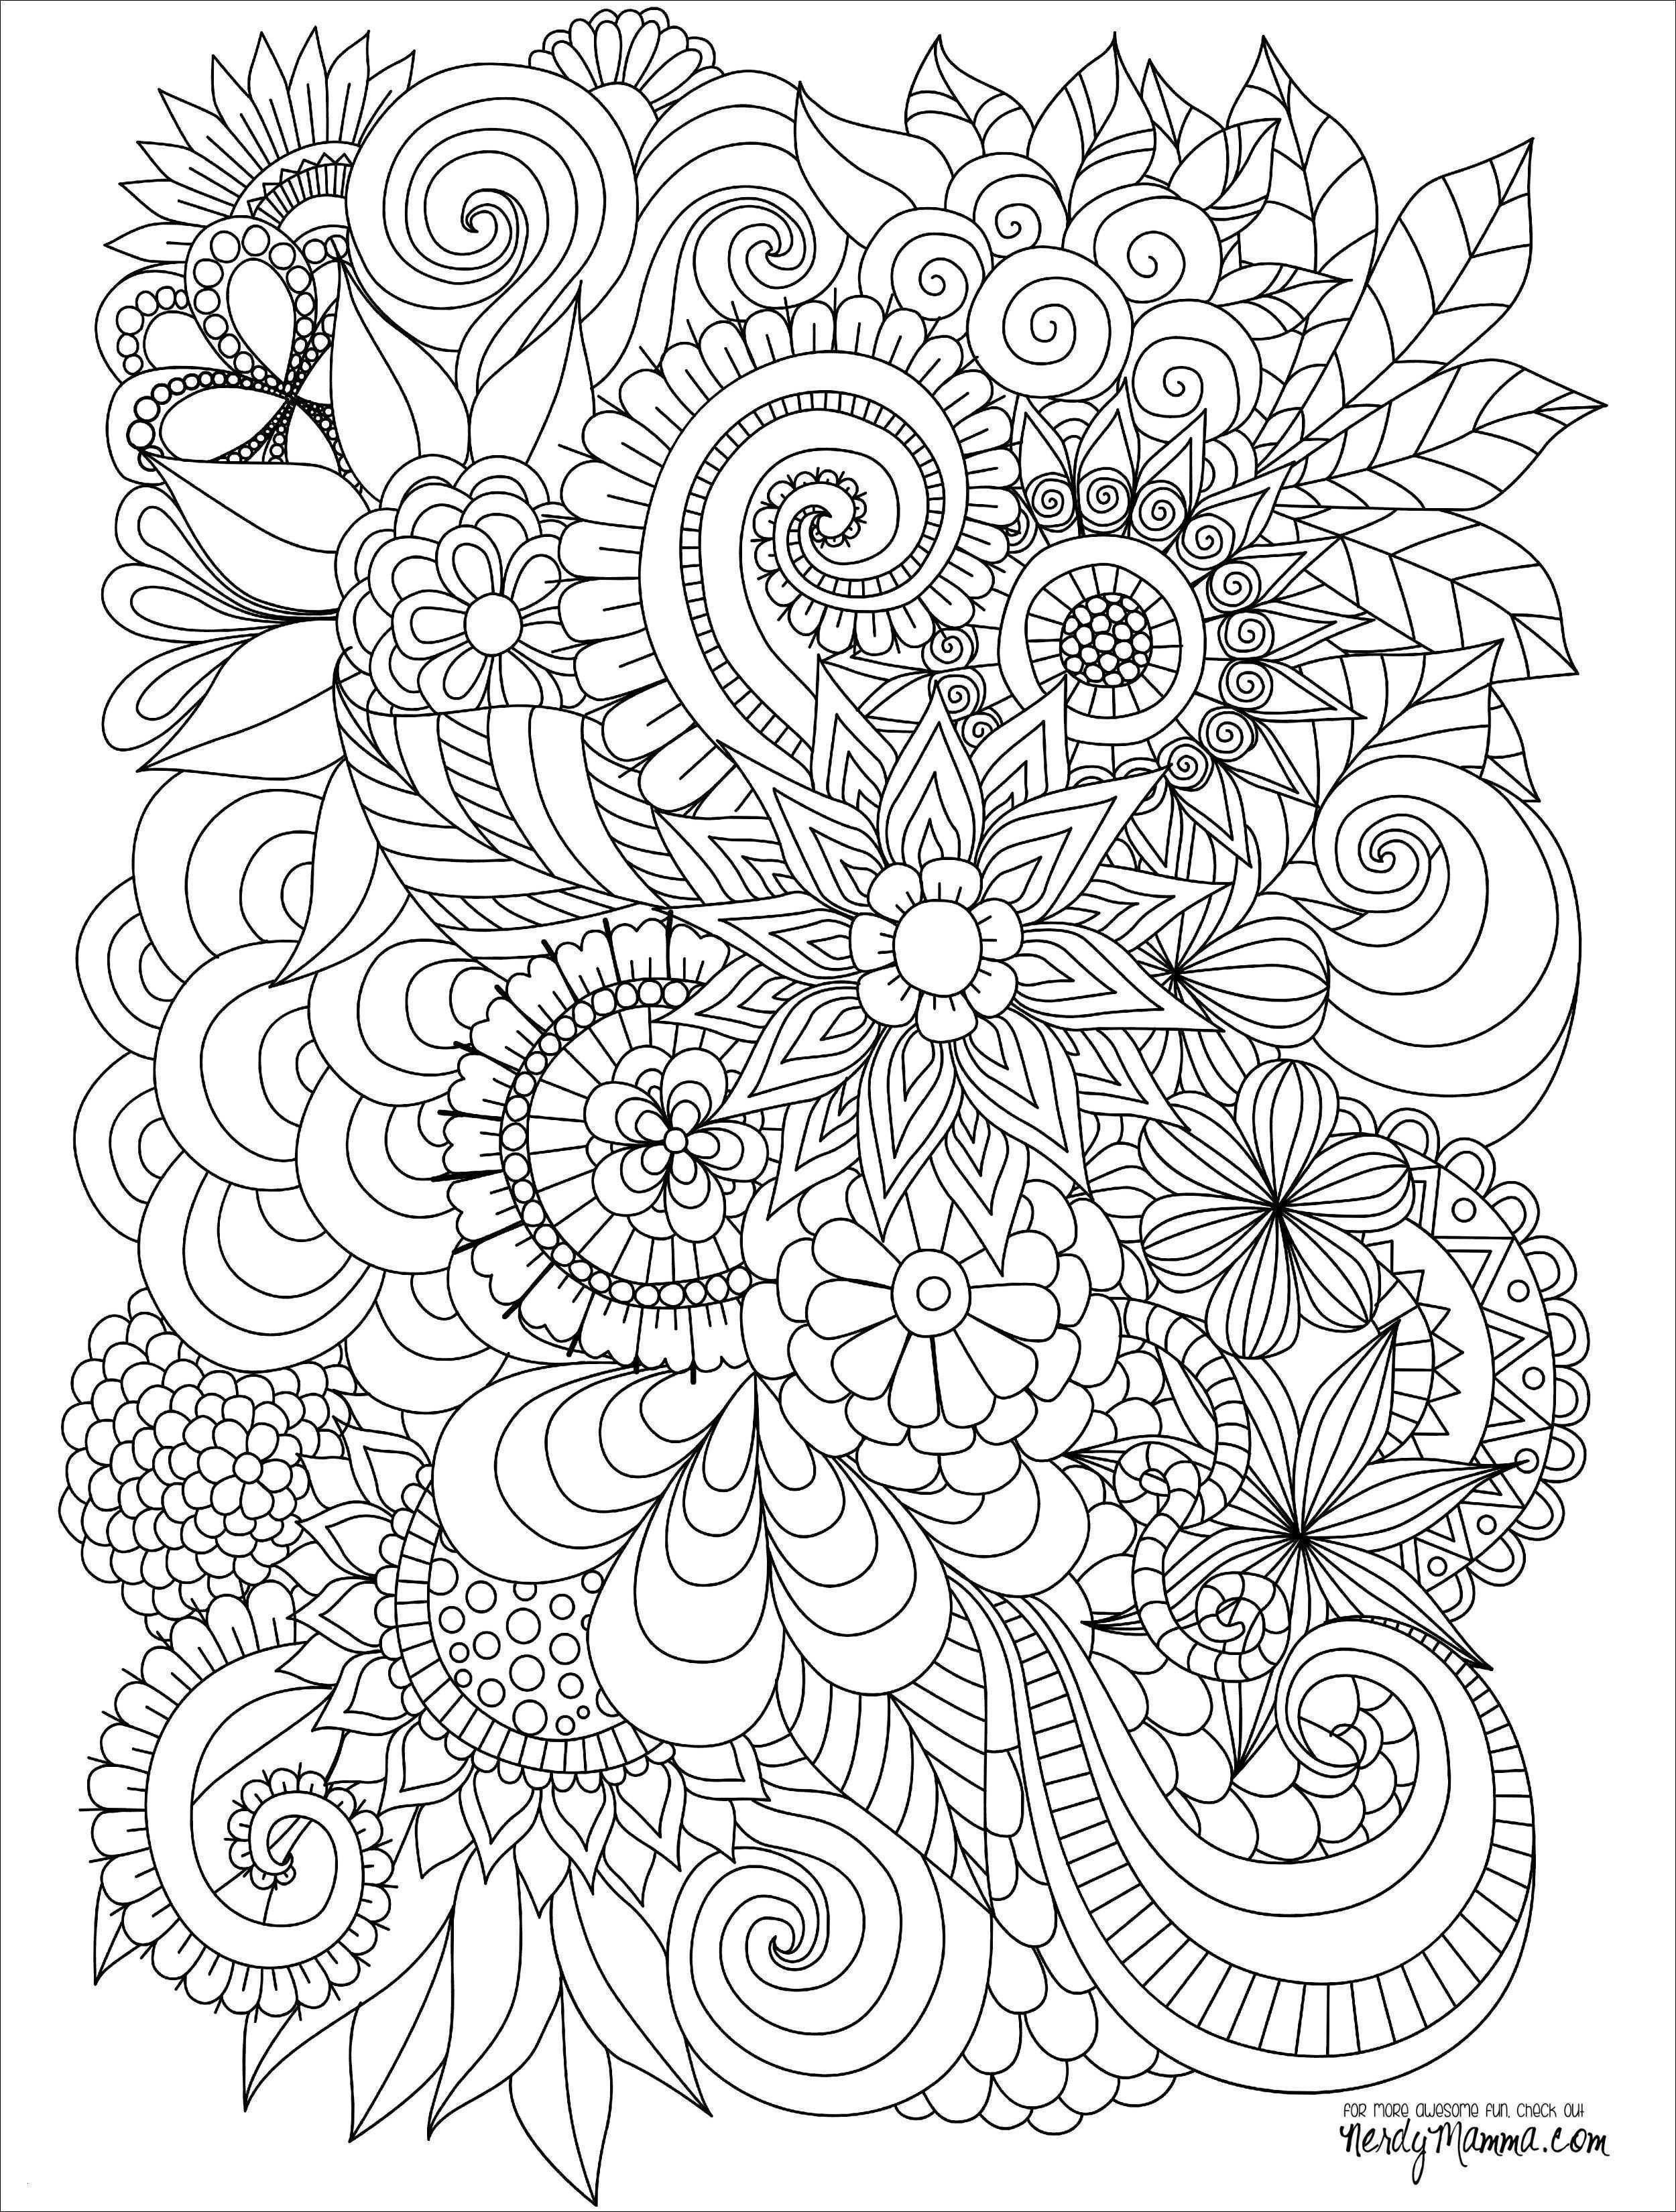 Anspruchsvolle Mandalas Zum Ausdrucken Inspirierend Einhorn Mandalas Zum Ausdrucken Beispielbilder Färben Fotos